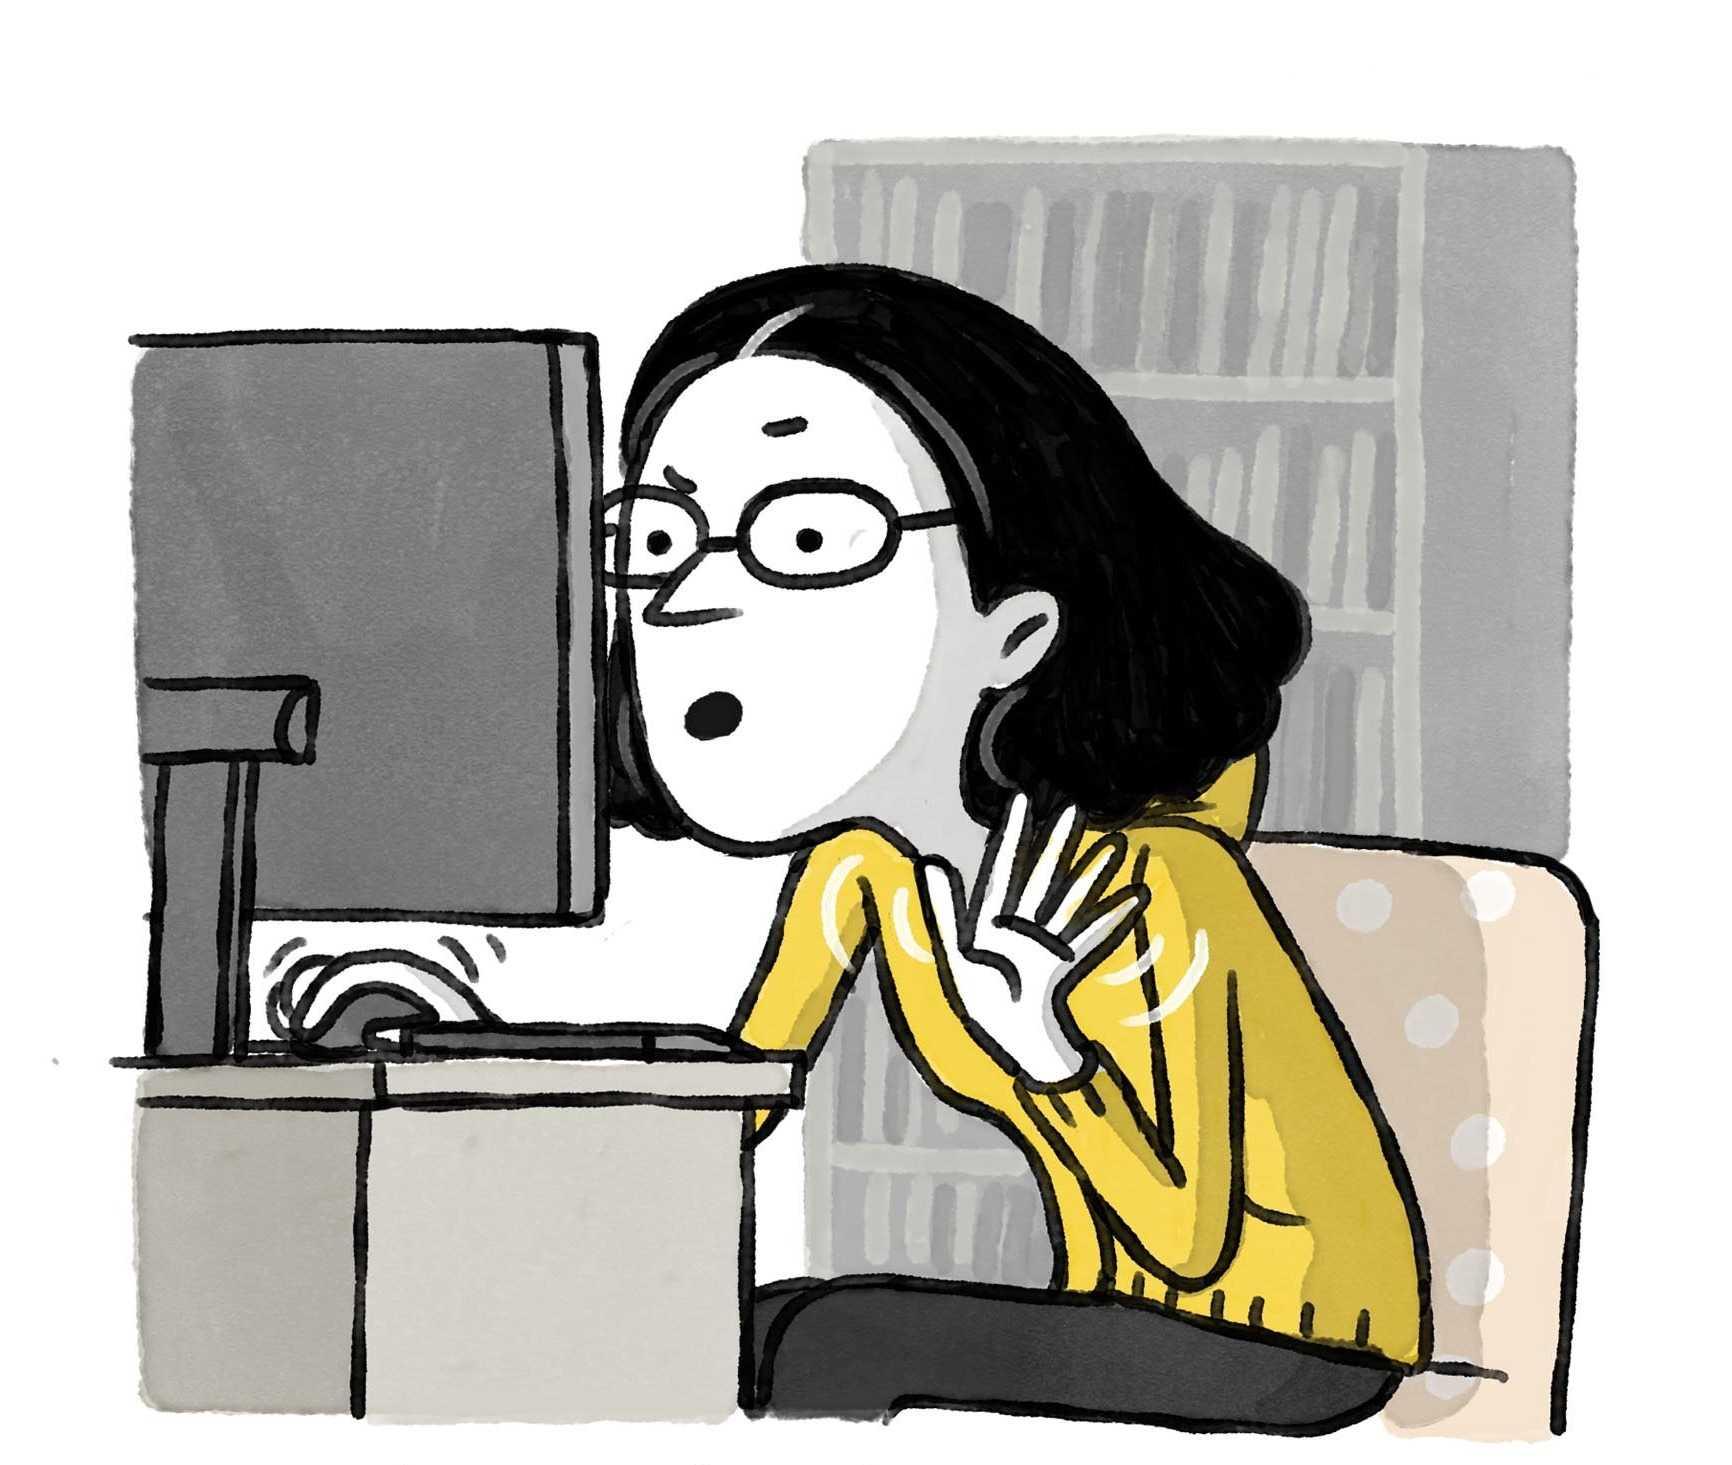 mujer en videollamada que presenta problemas de conexion